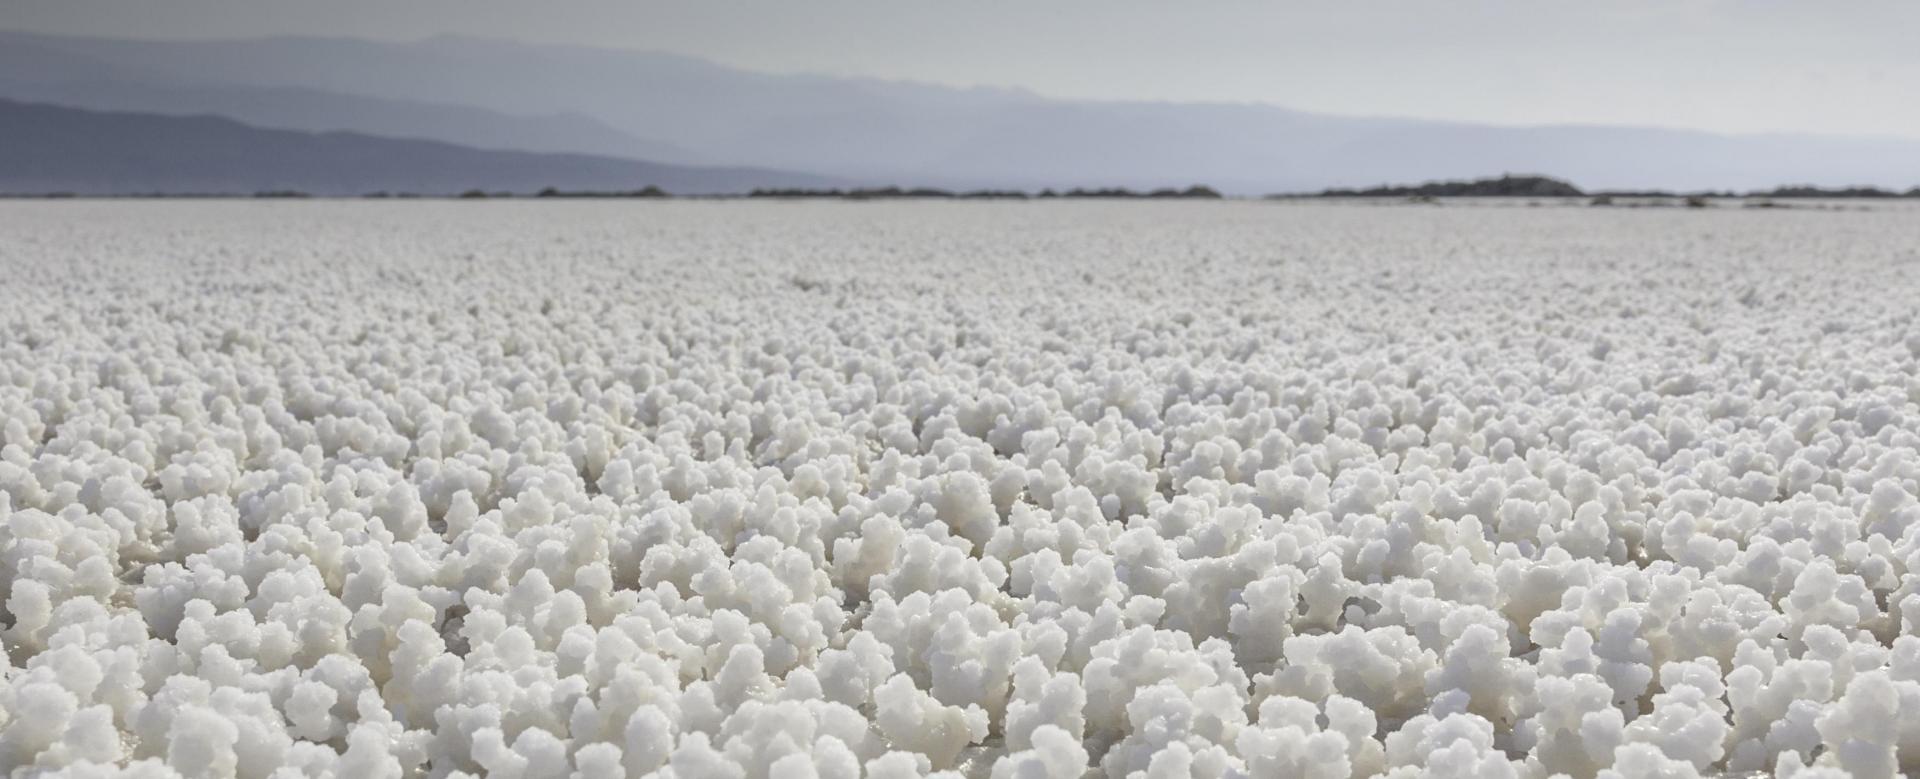 Voyage à pied : Les pistes du sel